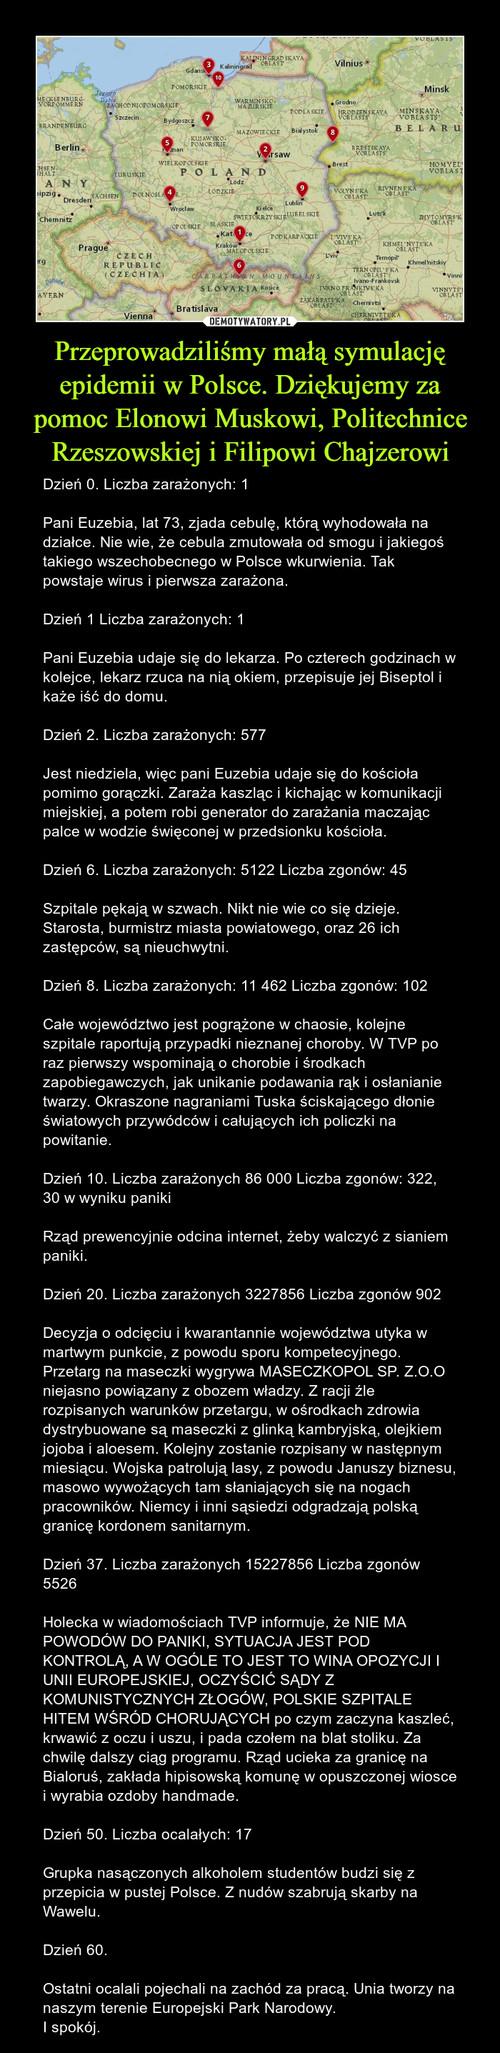 Przeprowadziliśmy małą symulację epidemii w Polsce. Dziękujemy za pomoc Elonowi Muskowi, Politechnice Rzeszowskiej i Filipowi Chajzerowi